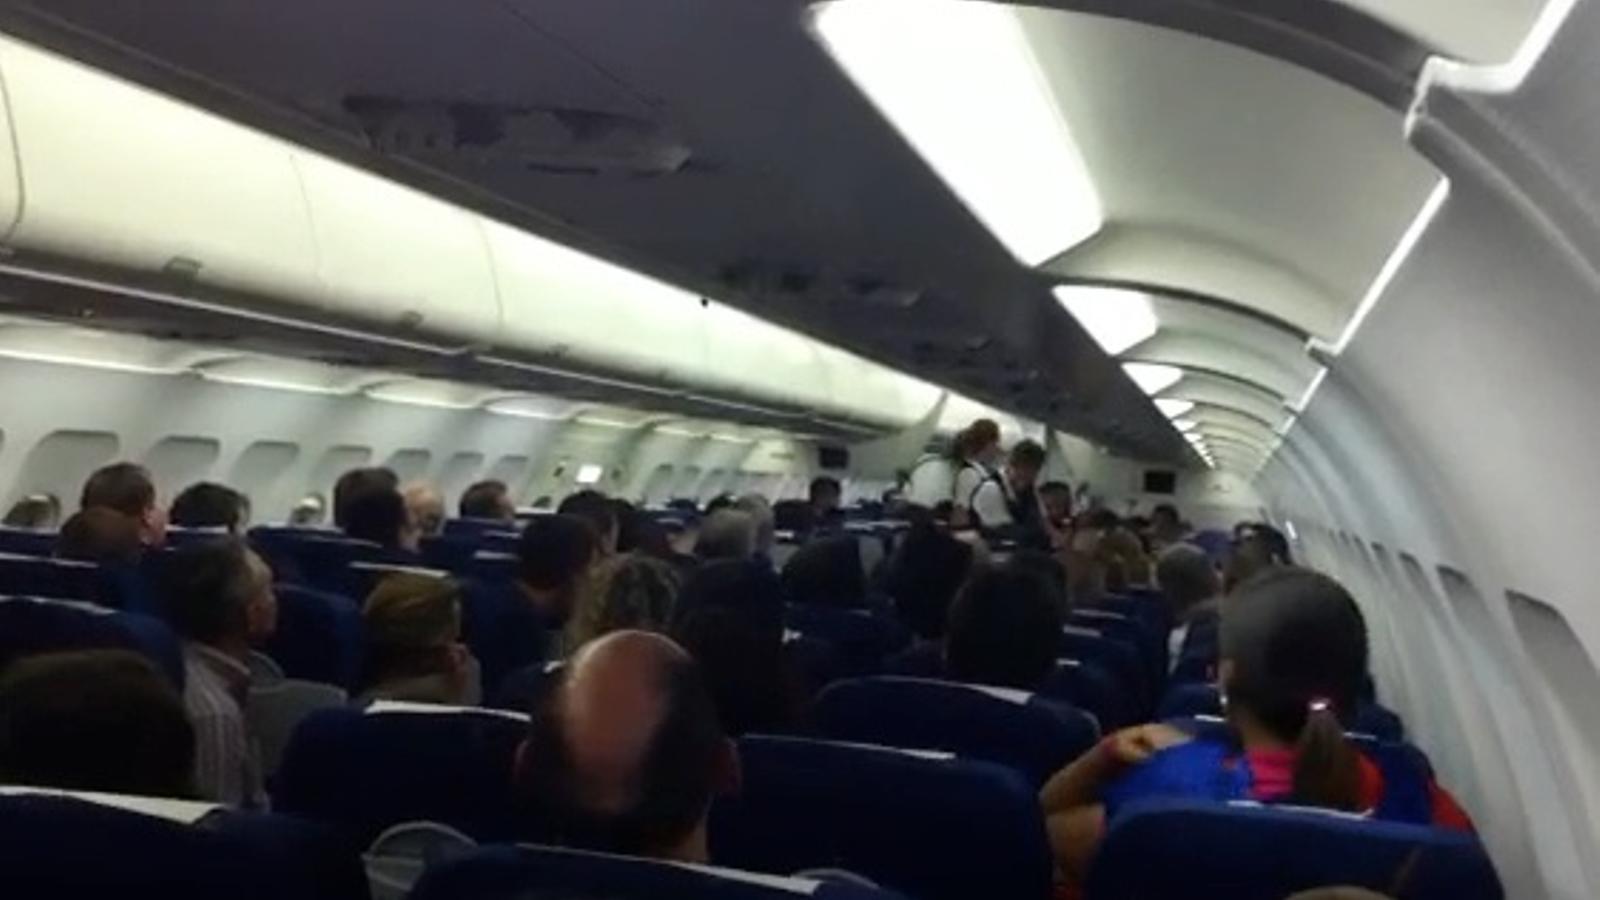 Càntics d'alegria de l'expedició blaugrana en el vol de tornada